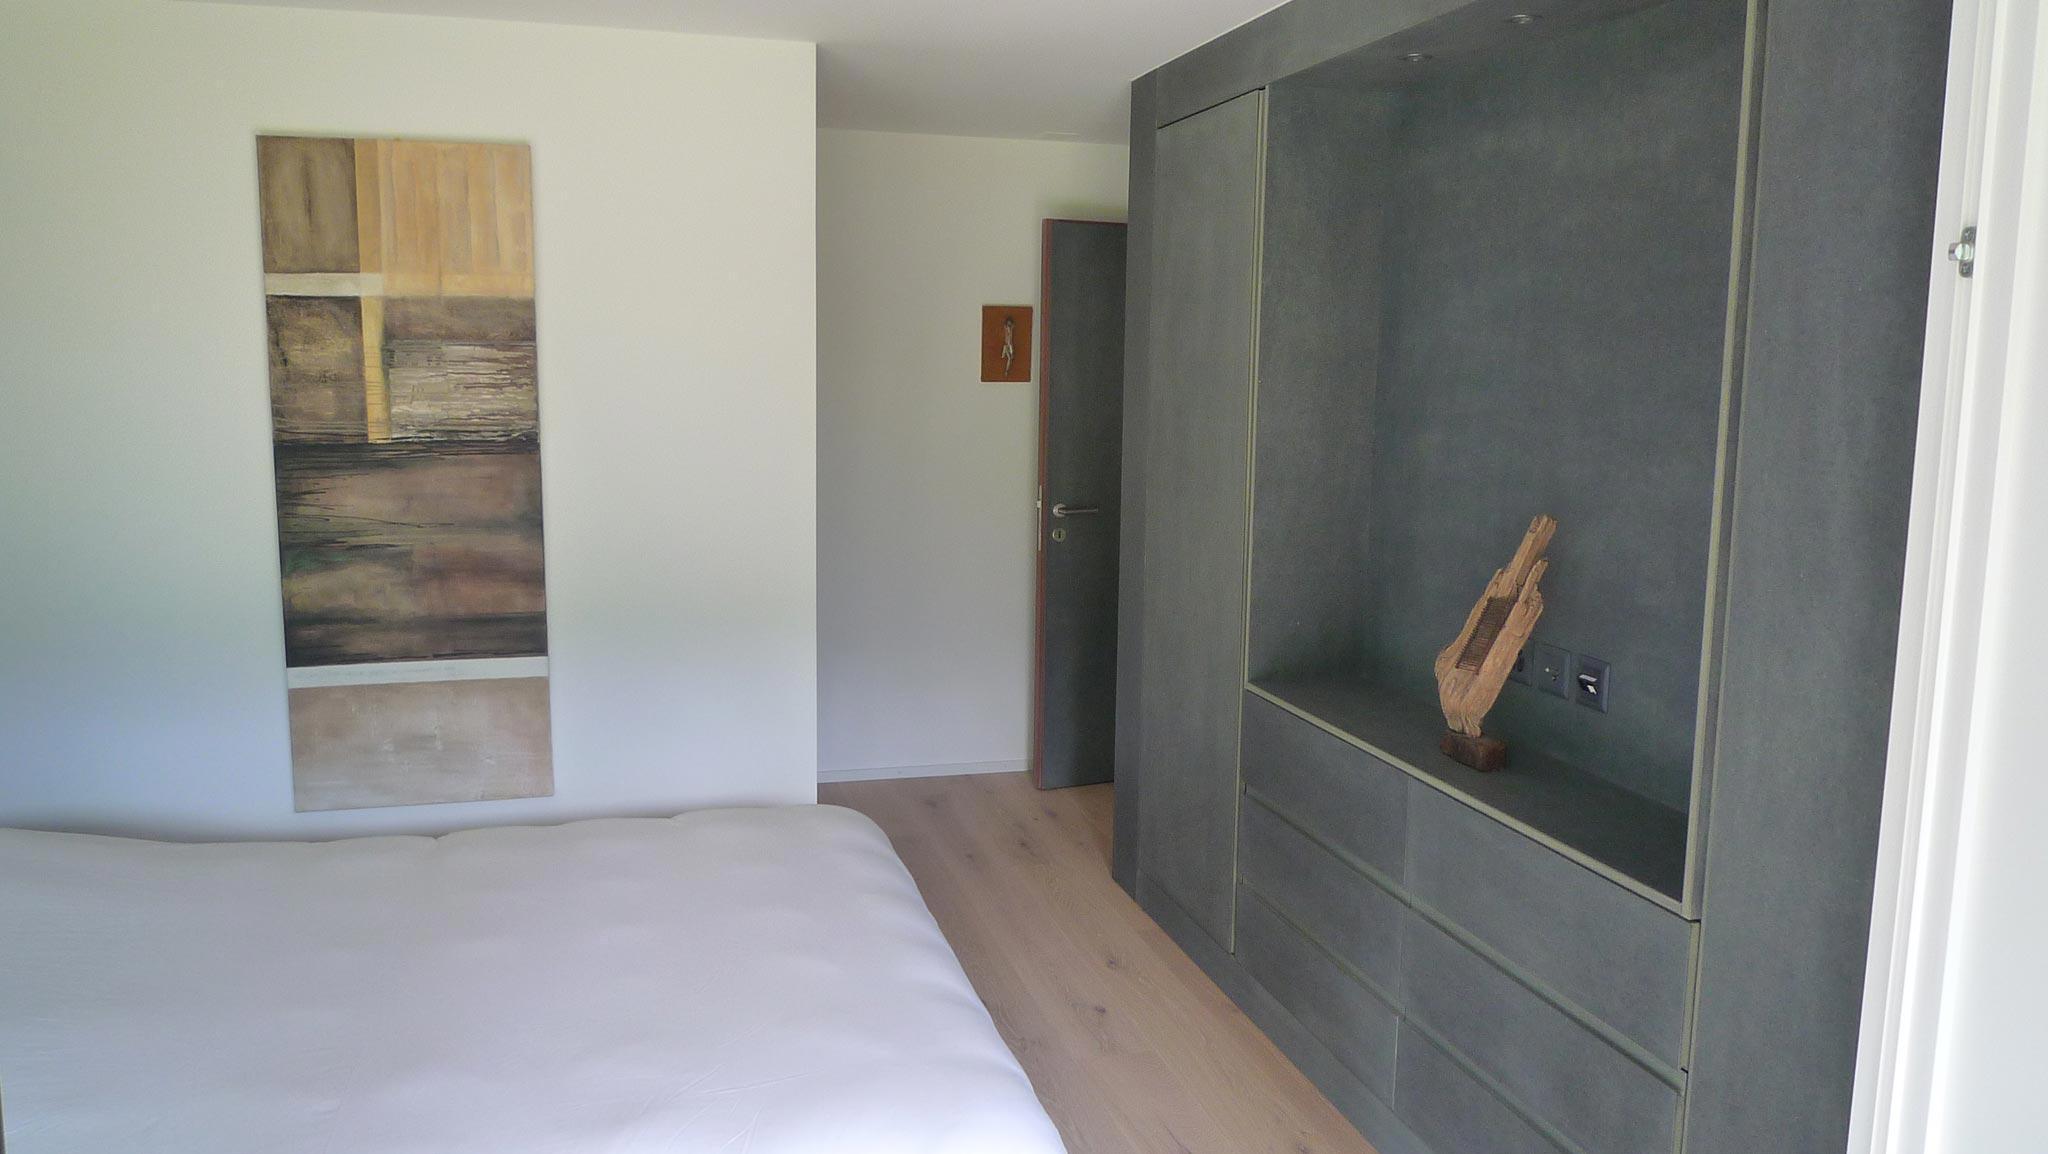 ES Bru 3680 chambre hor 20 05 025 1 - Chambre à coucher à Fully (Bj)